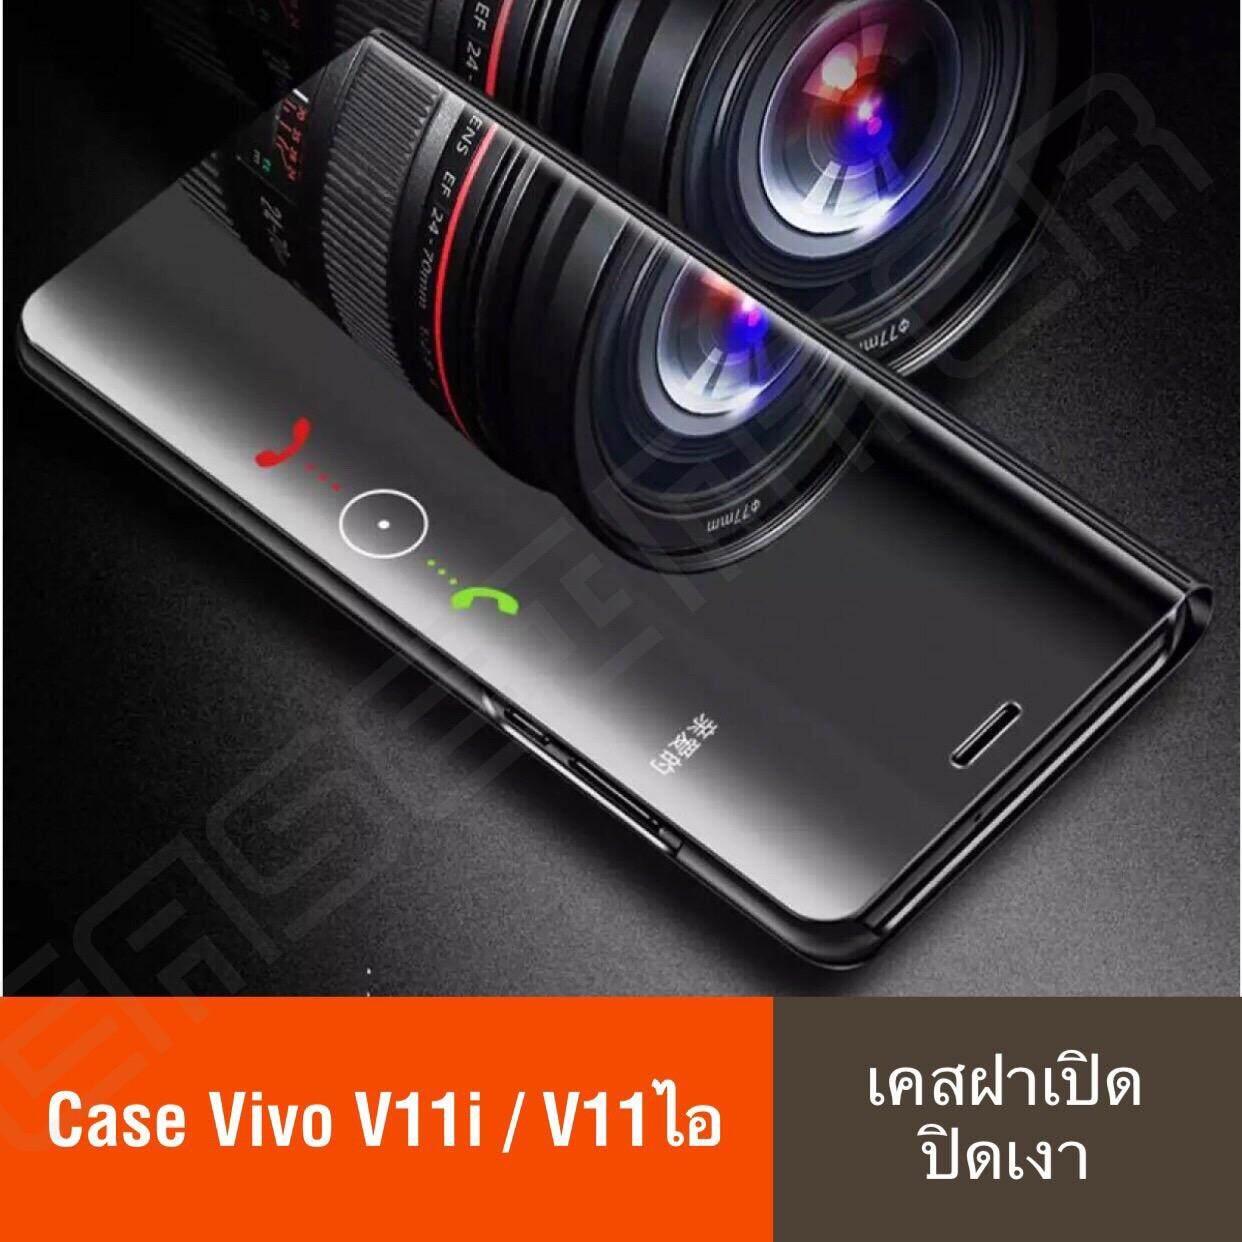 พร้อมส่งทันที เคสเปิดปิดเงา สำหรับรุ่น Vivo V11i / Vivo V11ไอ เคสวีโว่ วี11ไอ Smart Case เคสวีโว่ เคสกระจก เคสฝาเปิดปิดเงา สมาร์ทเคส เคสตั้งได้ Vivo V11i Sleep Flip Mirror Leather Case With Stand Holder เคสมือถือ เคสโทรศัพท์ รับประกันความพอใจ